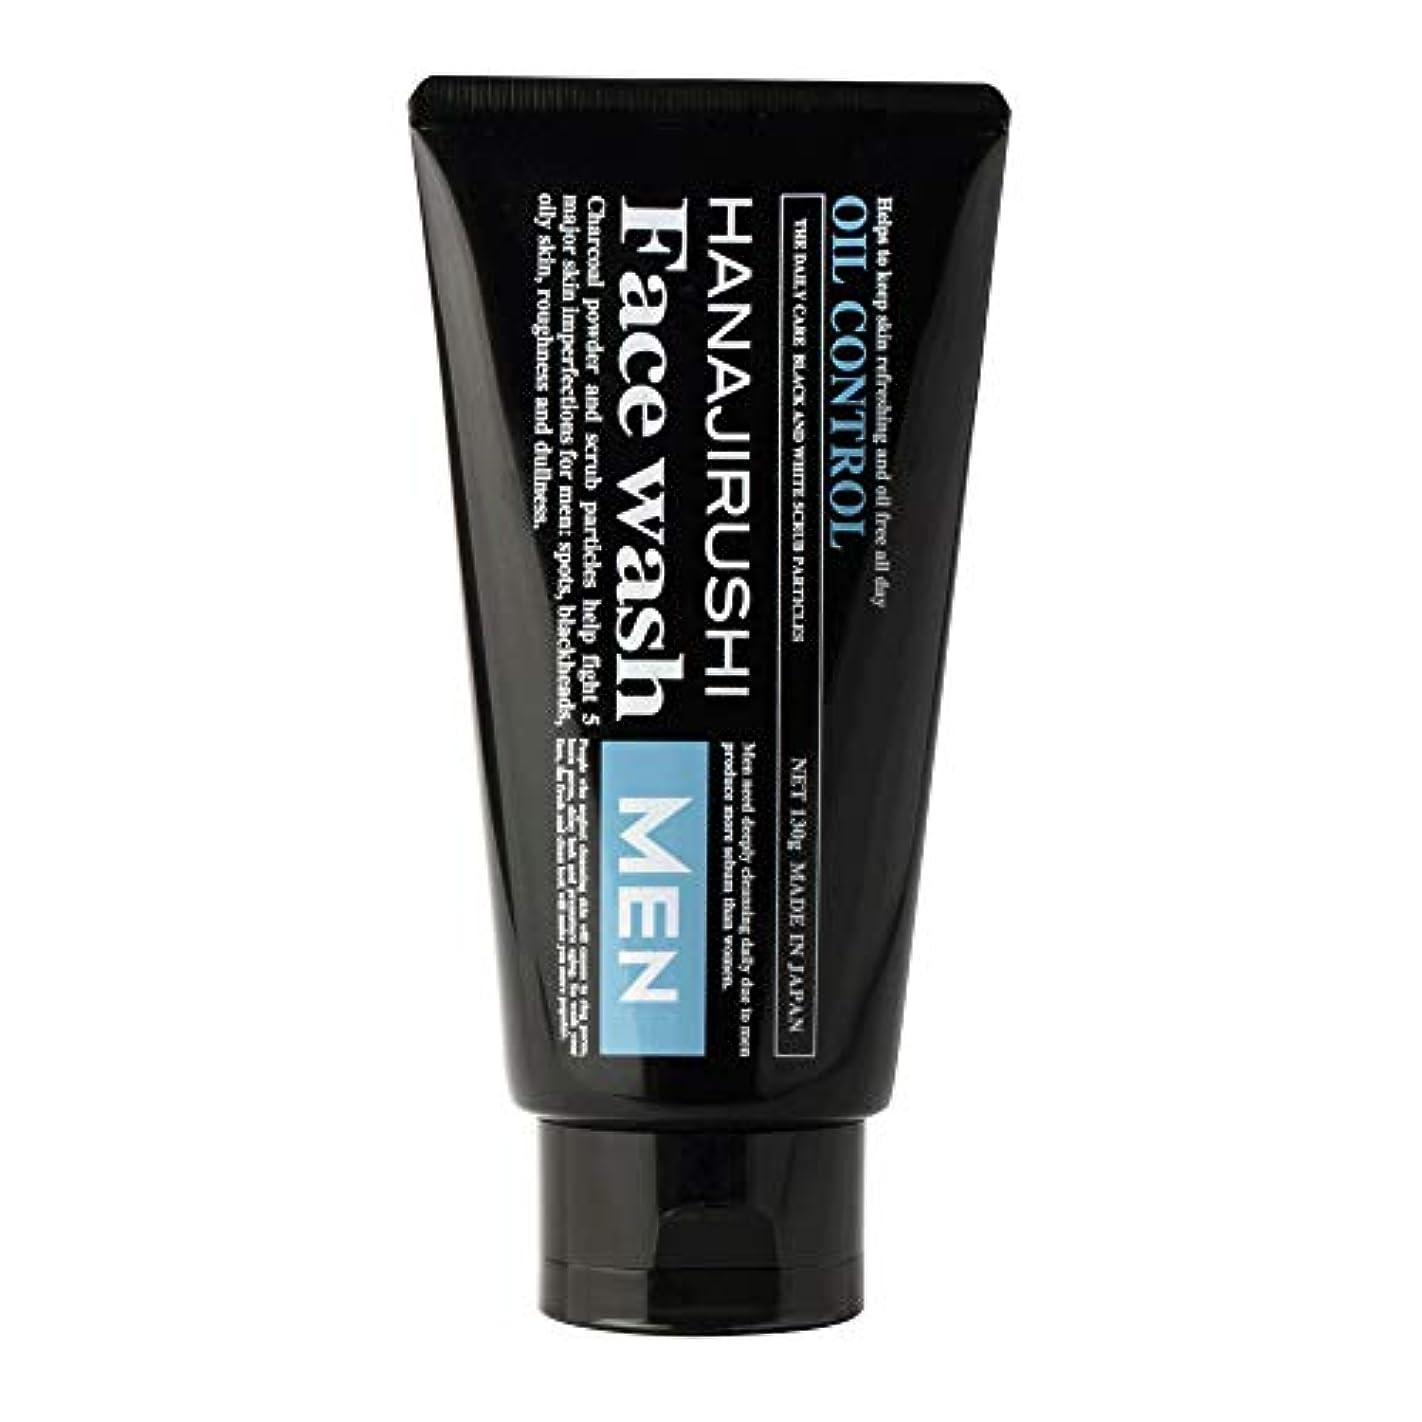 湾キリン作り花印 メンズオイルコントロール洗顔 スクラブタイプ B&W<男性用洗顔>